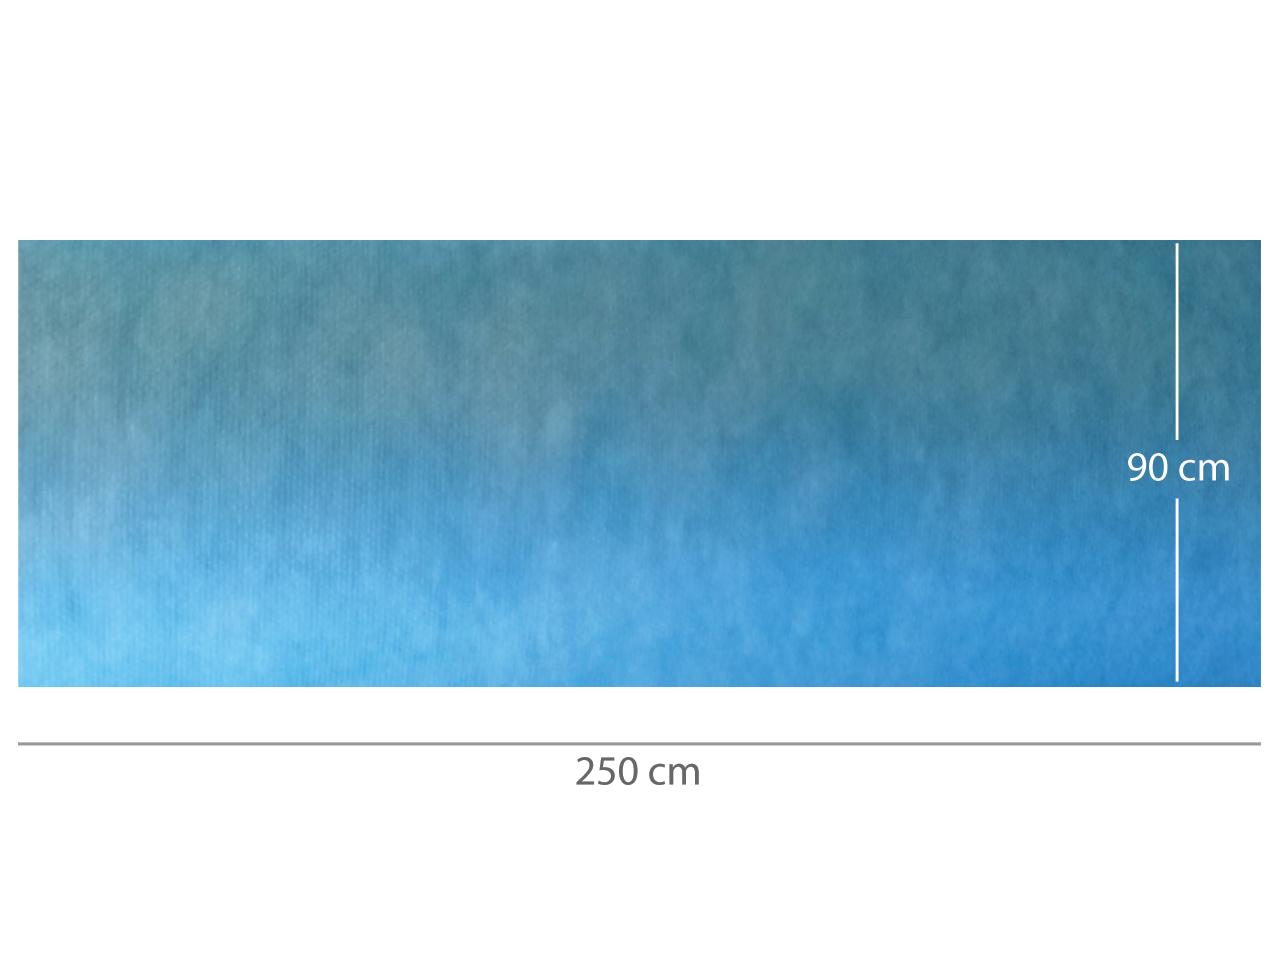 COVOR ABSORBANT IMPERMEABIL pre-tăiat 90x250 cm